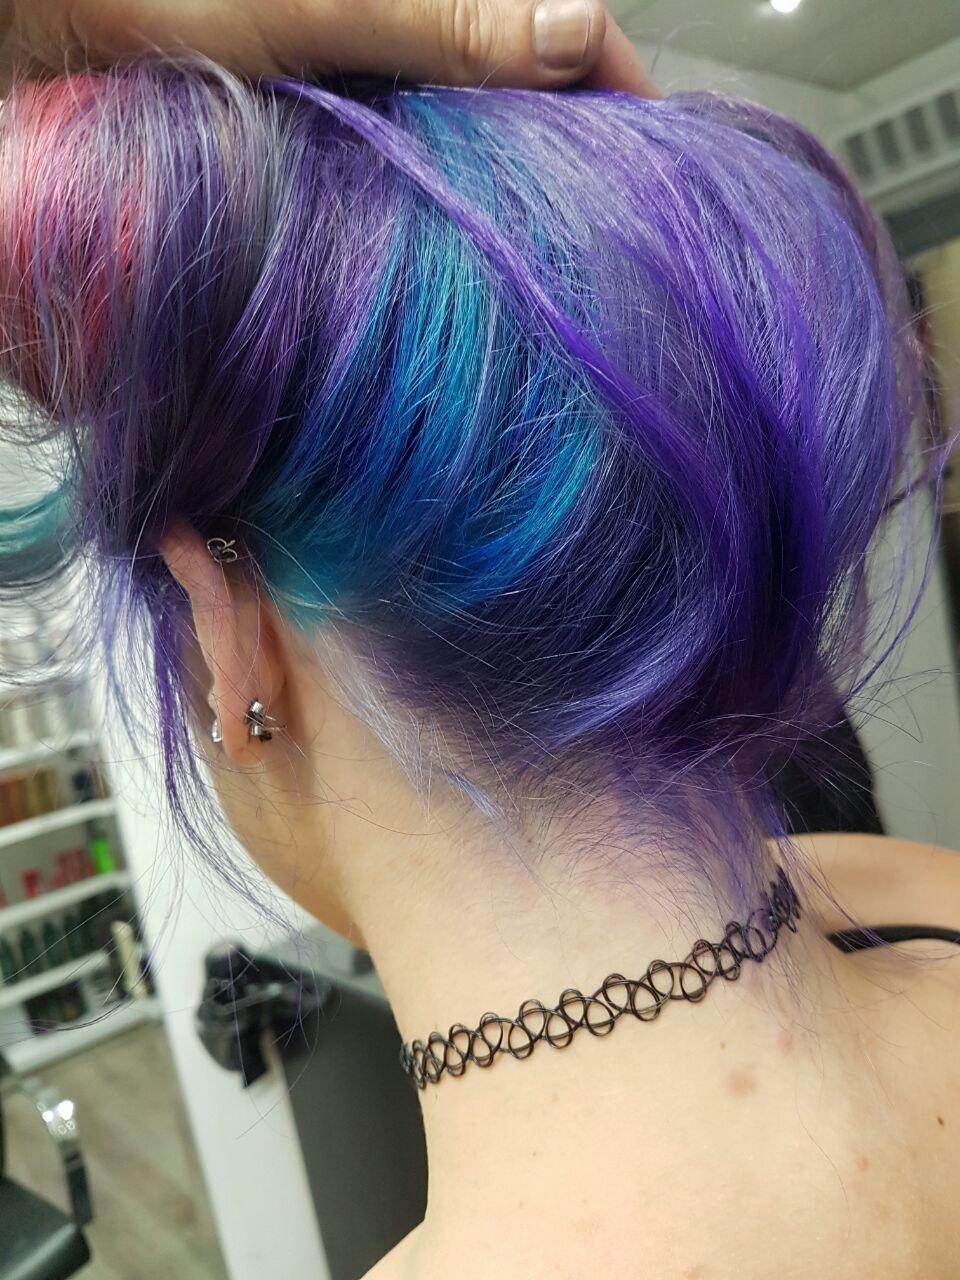 מעצב השיער גיא רומנו מפציץ בצבע